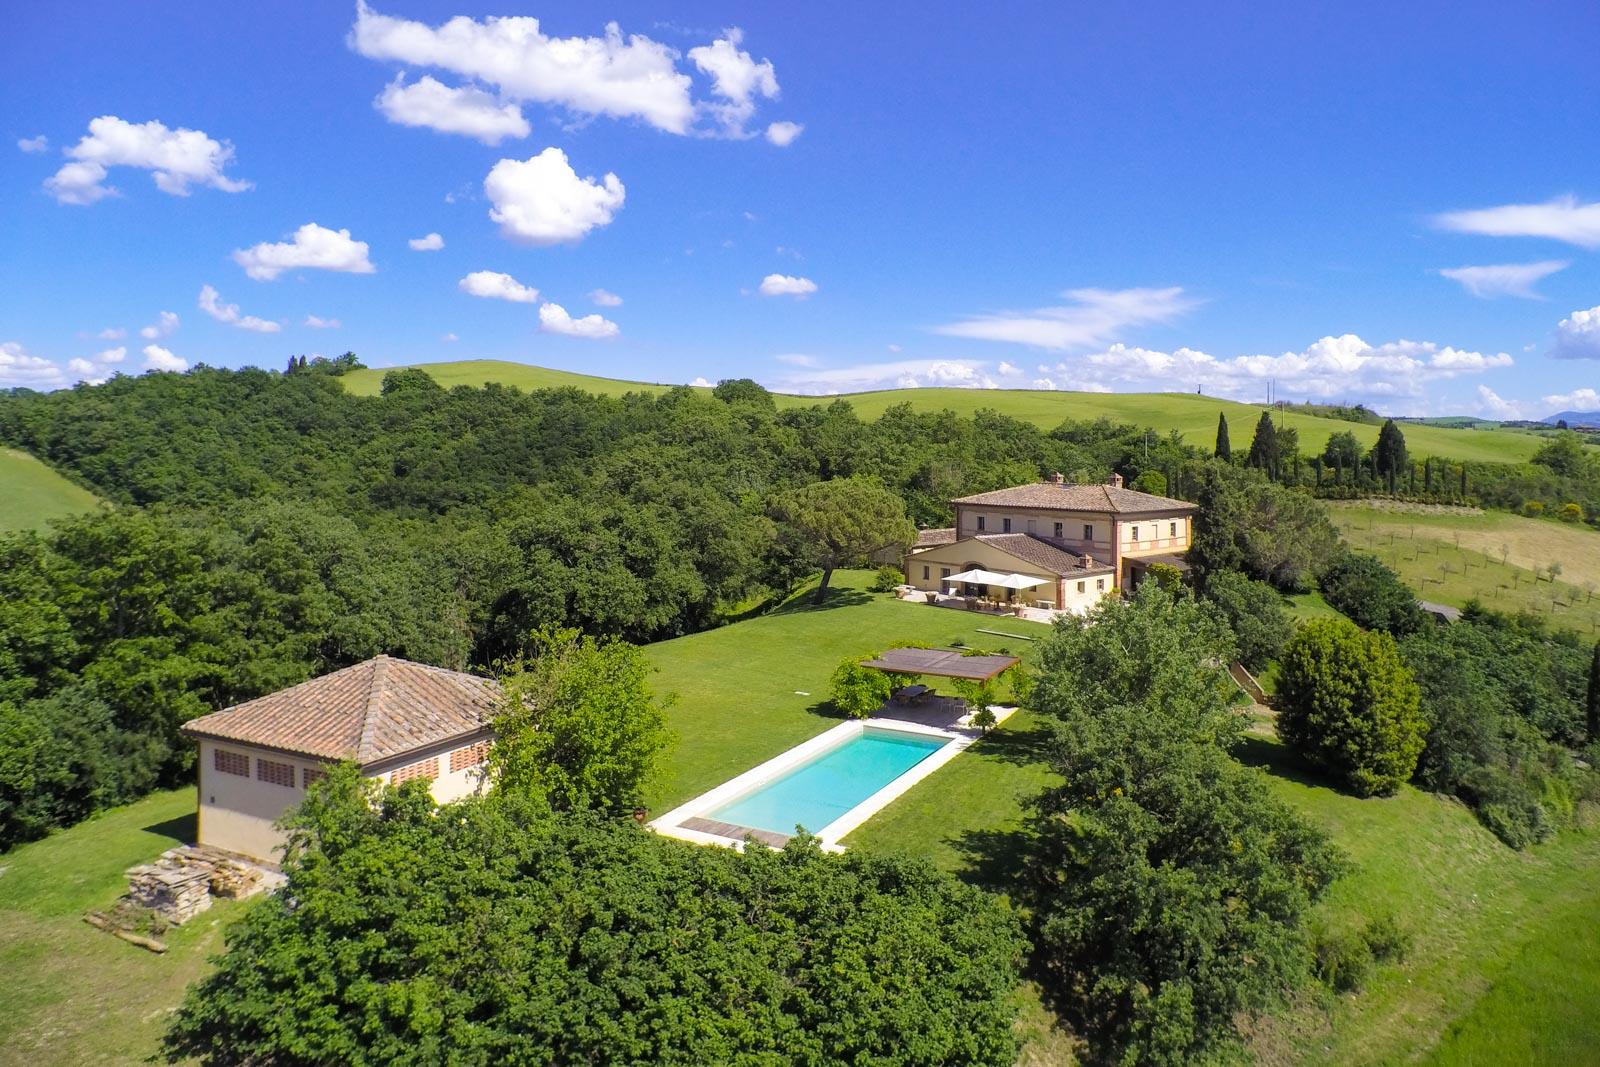 Casale di pregio architettonico con annessi e piscina con vista su una vallata incontaminata in Toscana